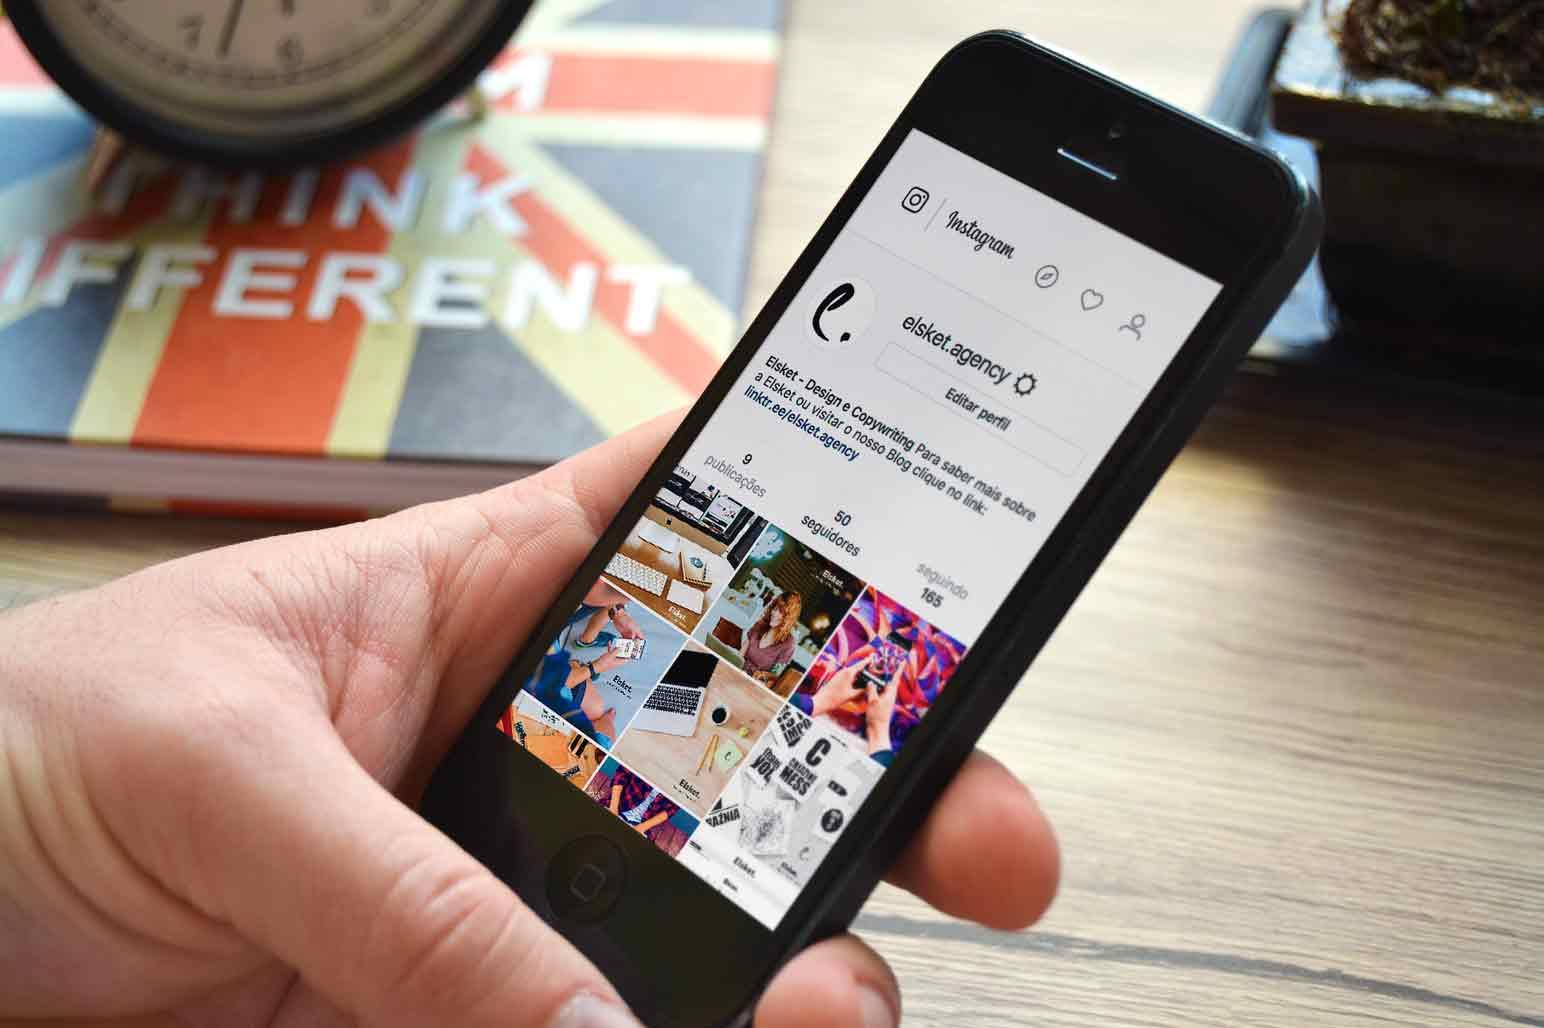 7-Dicas-Eficazes-para-gerir-redes-sociais